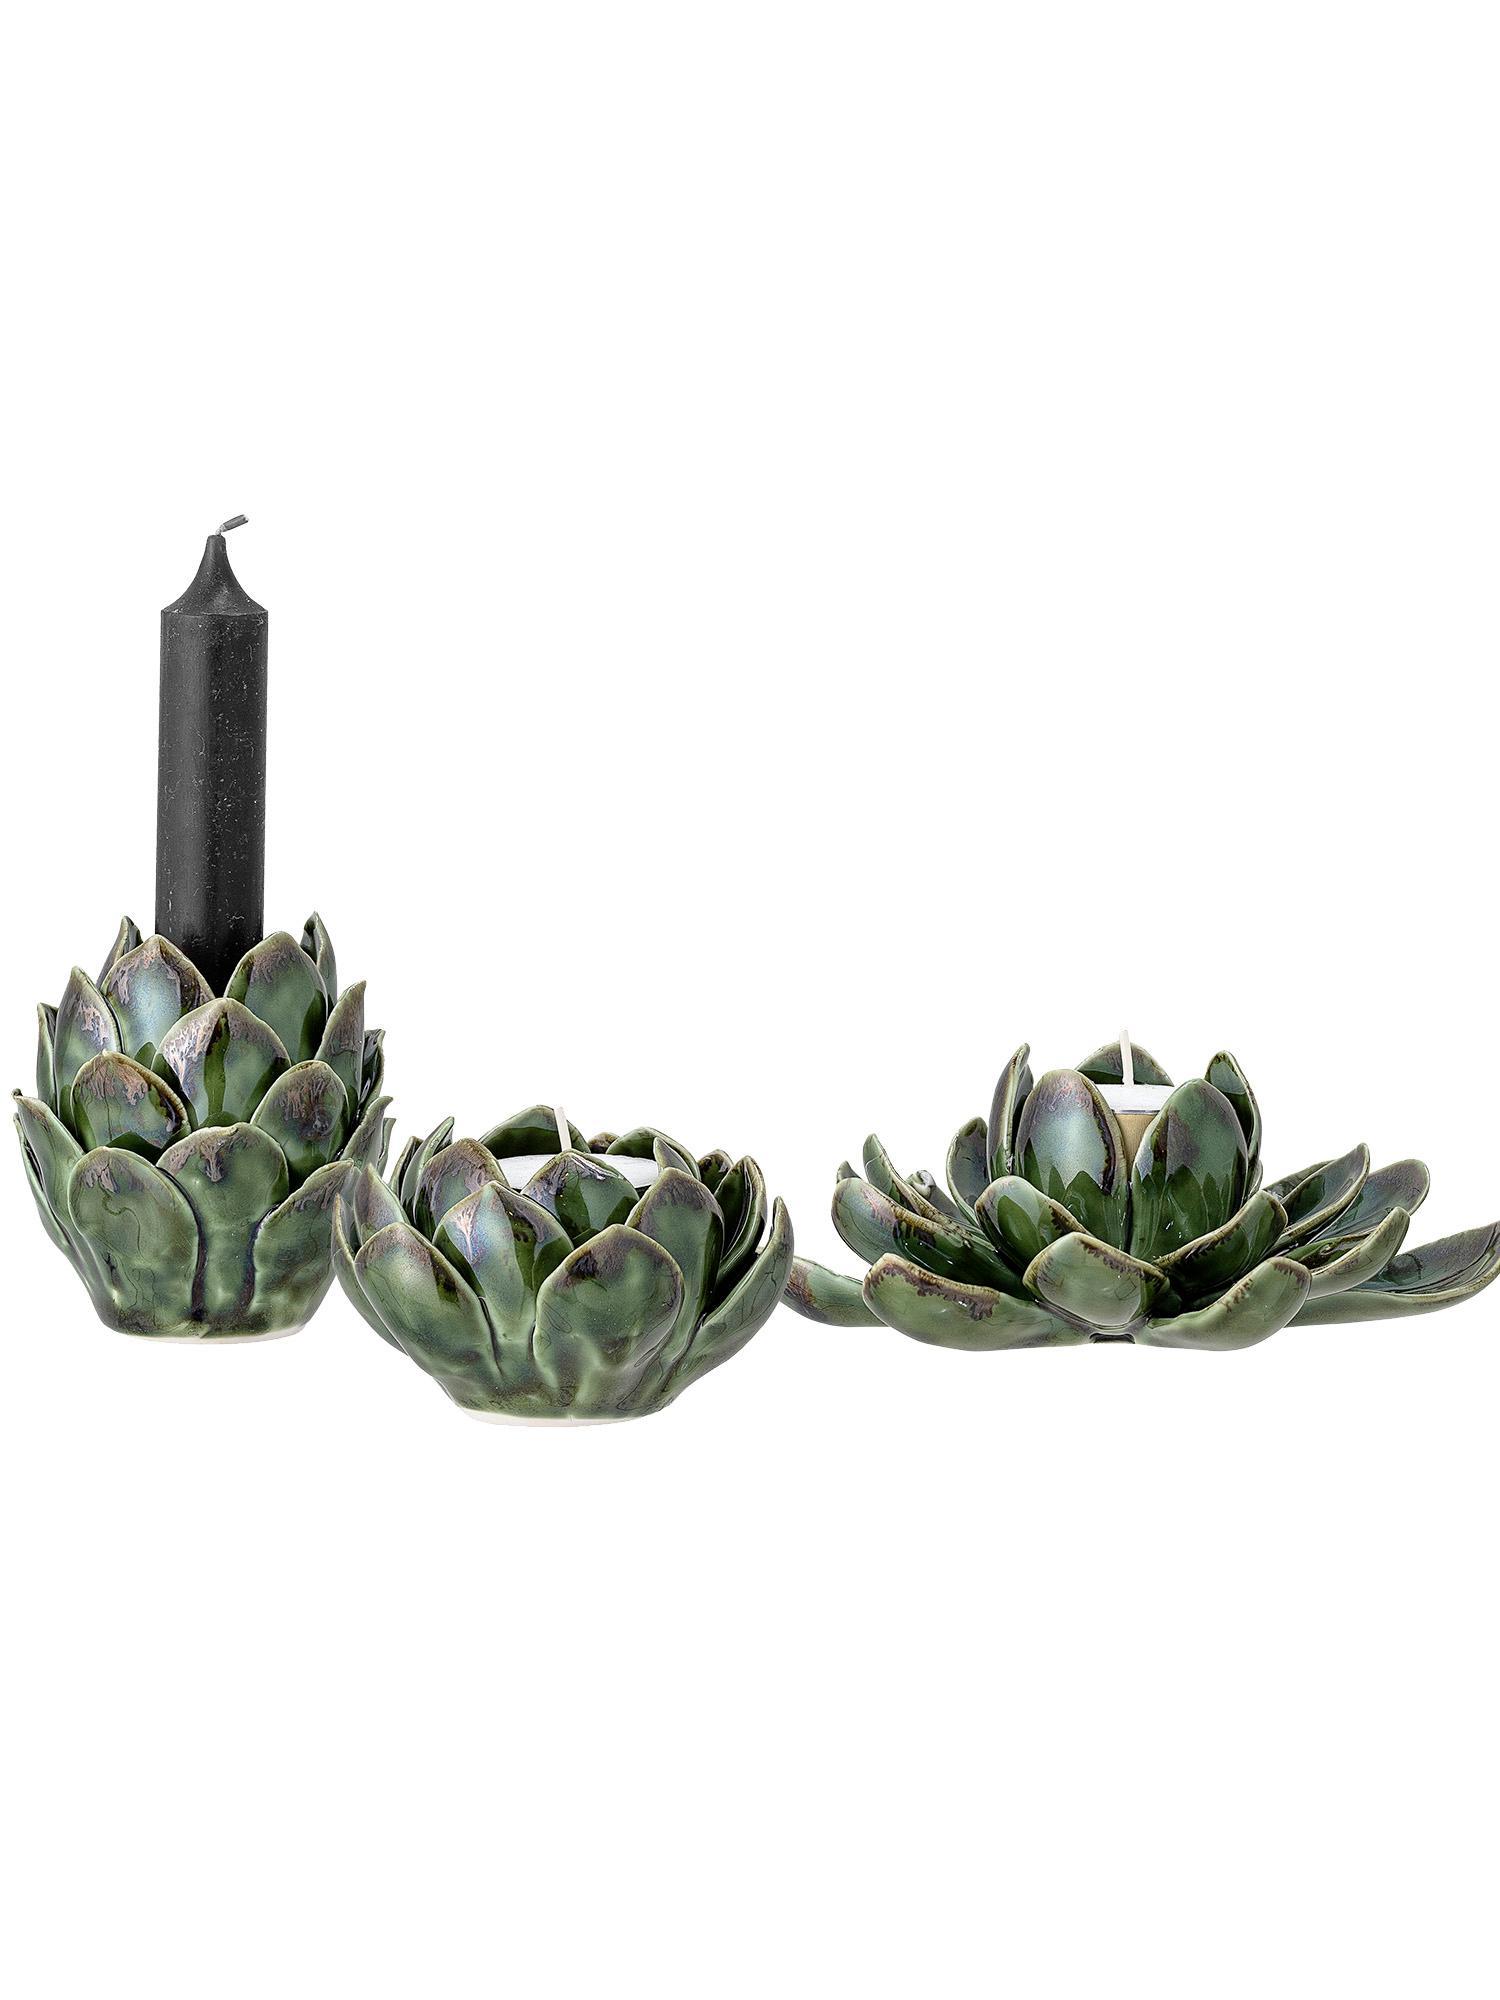 Komplet ręcznie wykonanych świeczników na podgrzewacze Gloria, 3 elem., Kamionka, Zielony, Komplet z różnymi rozmiarami